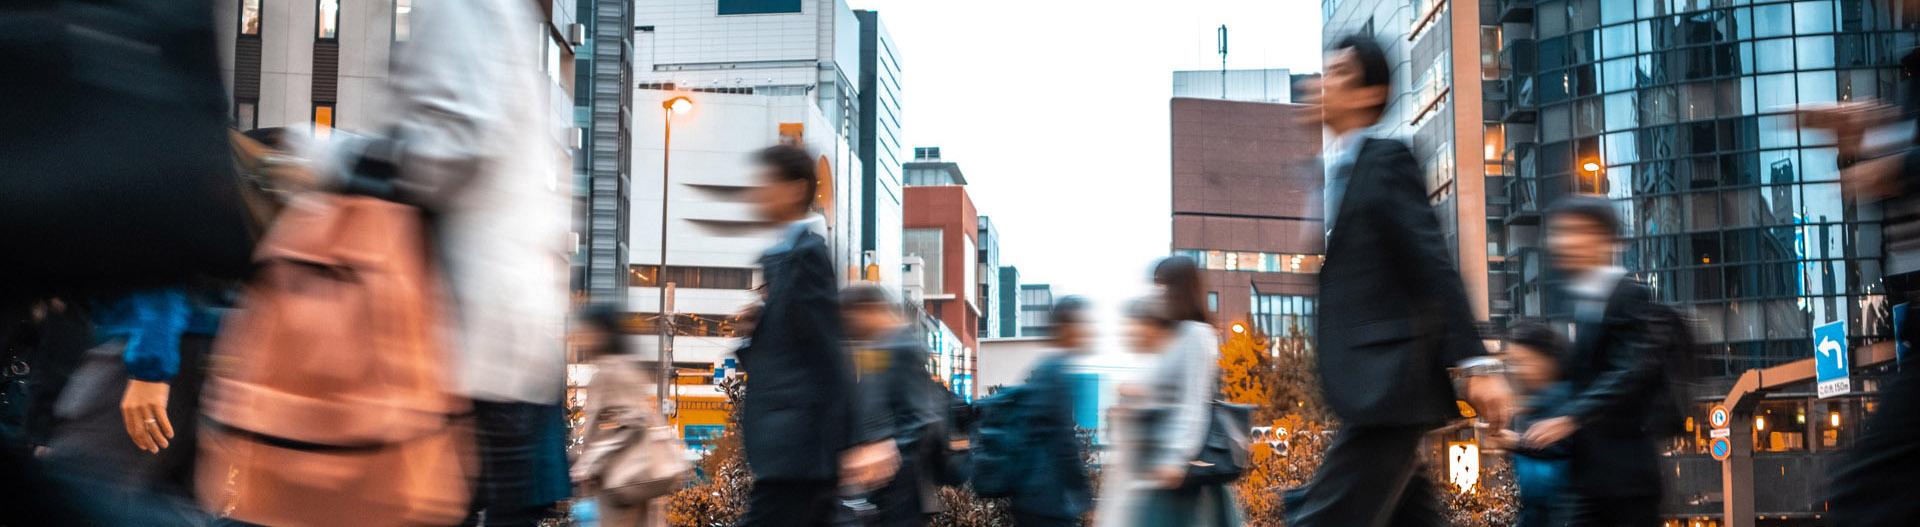 Speed people walking in city